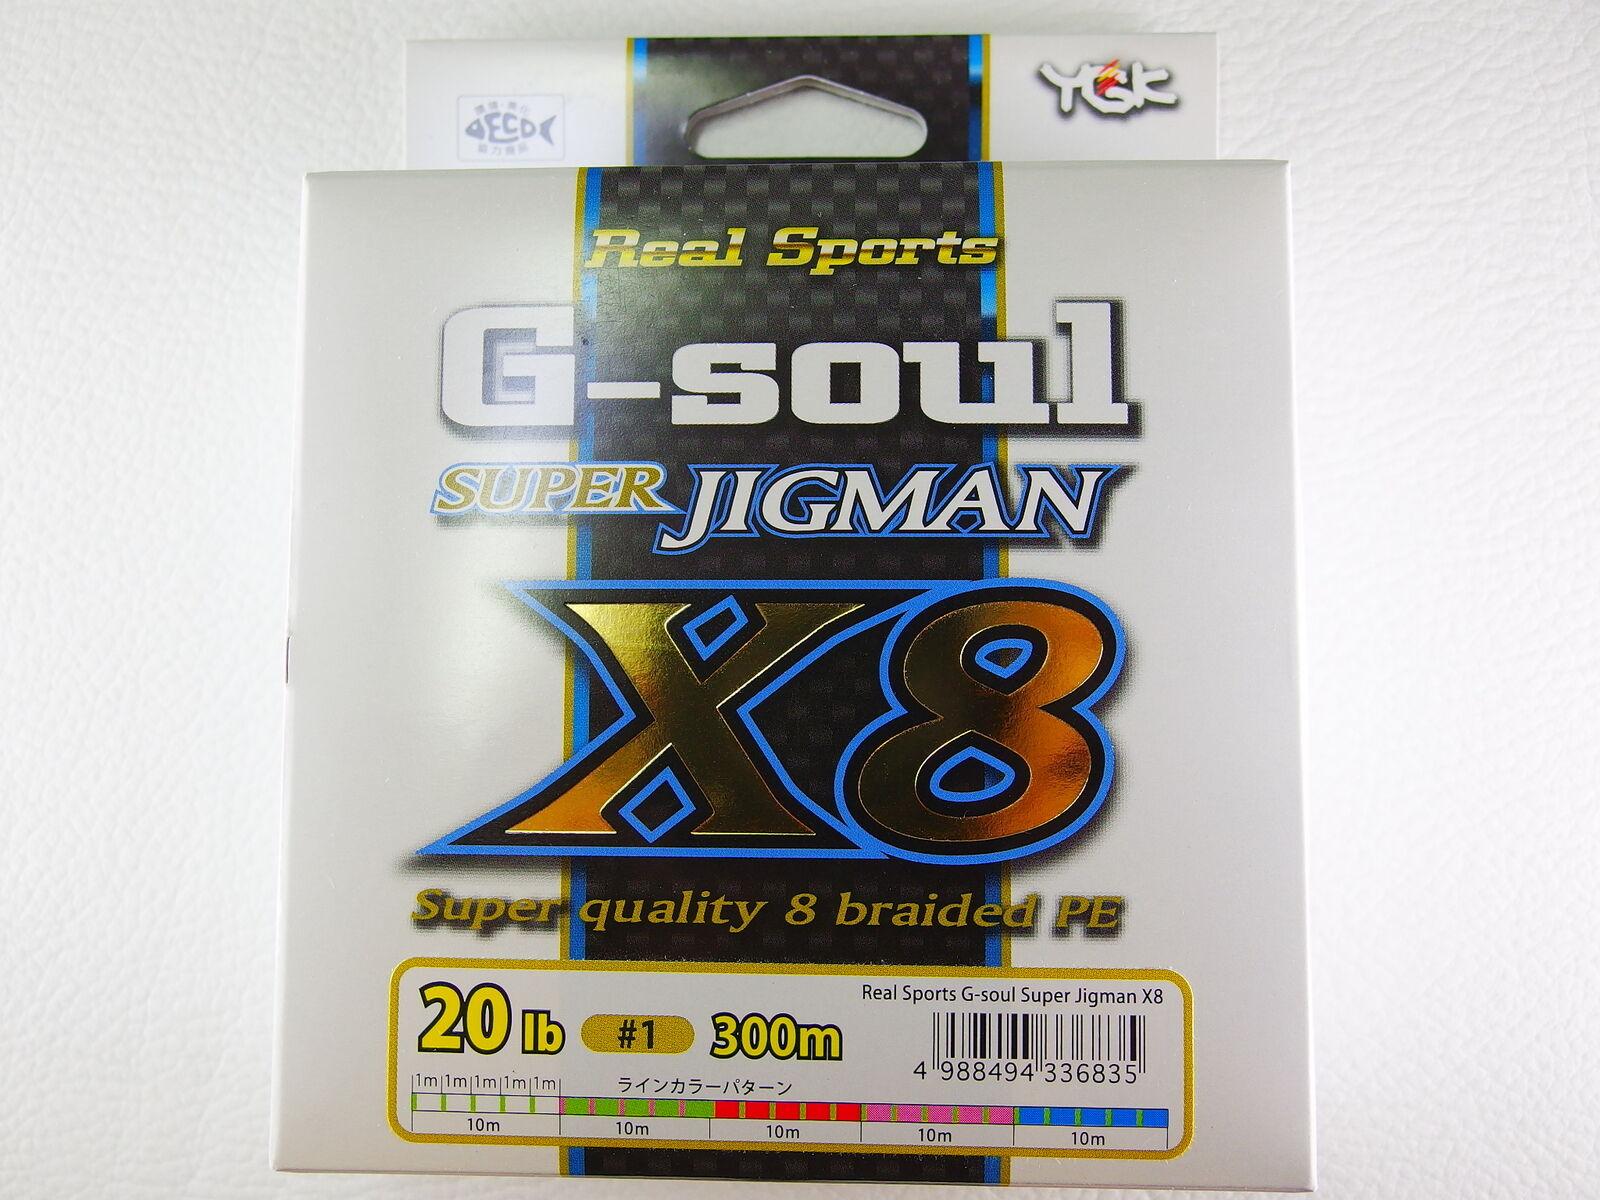 YGK  - G-SOUL X8 SUPER JIGMAN PE 300m 20lb  factory outlet